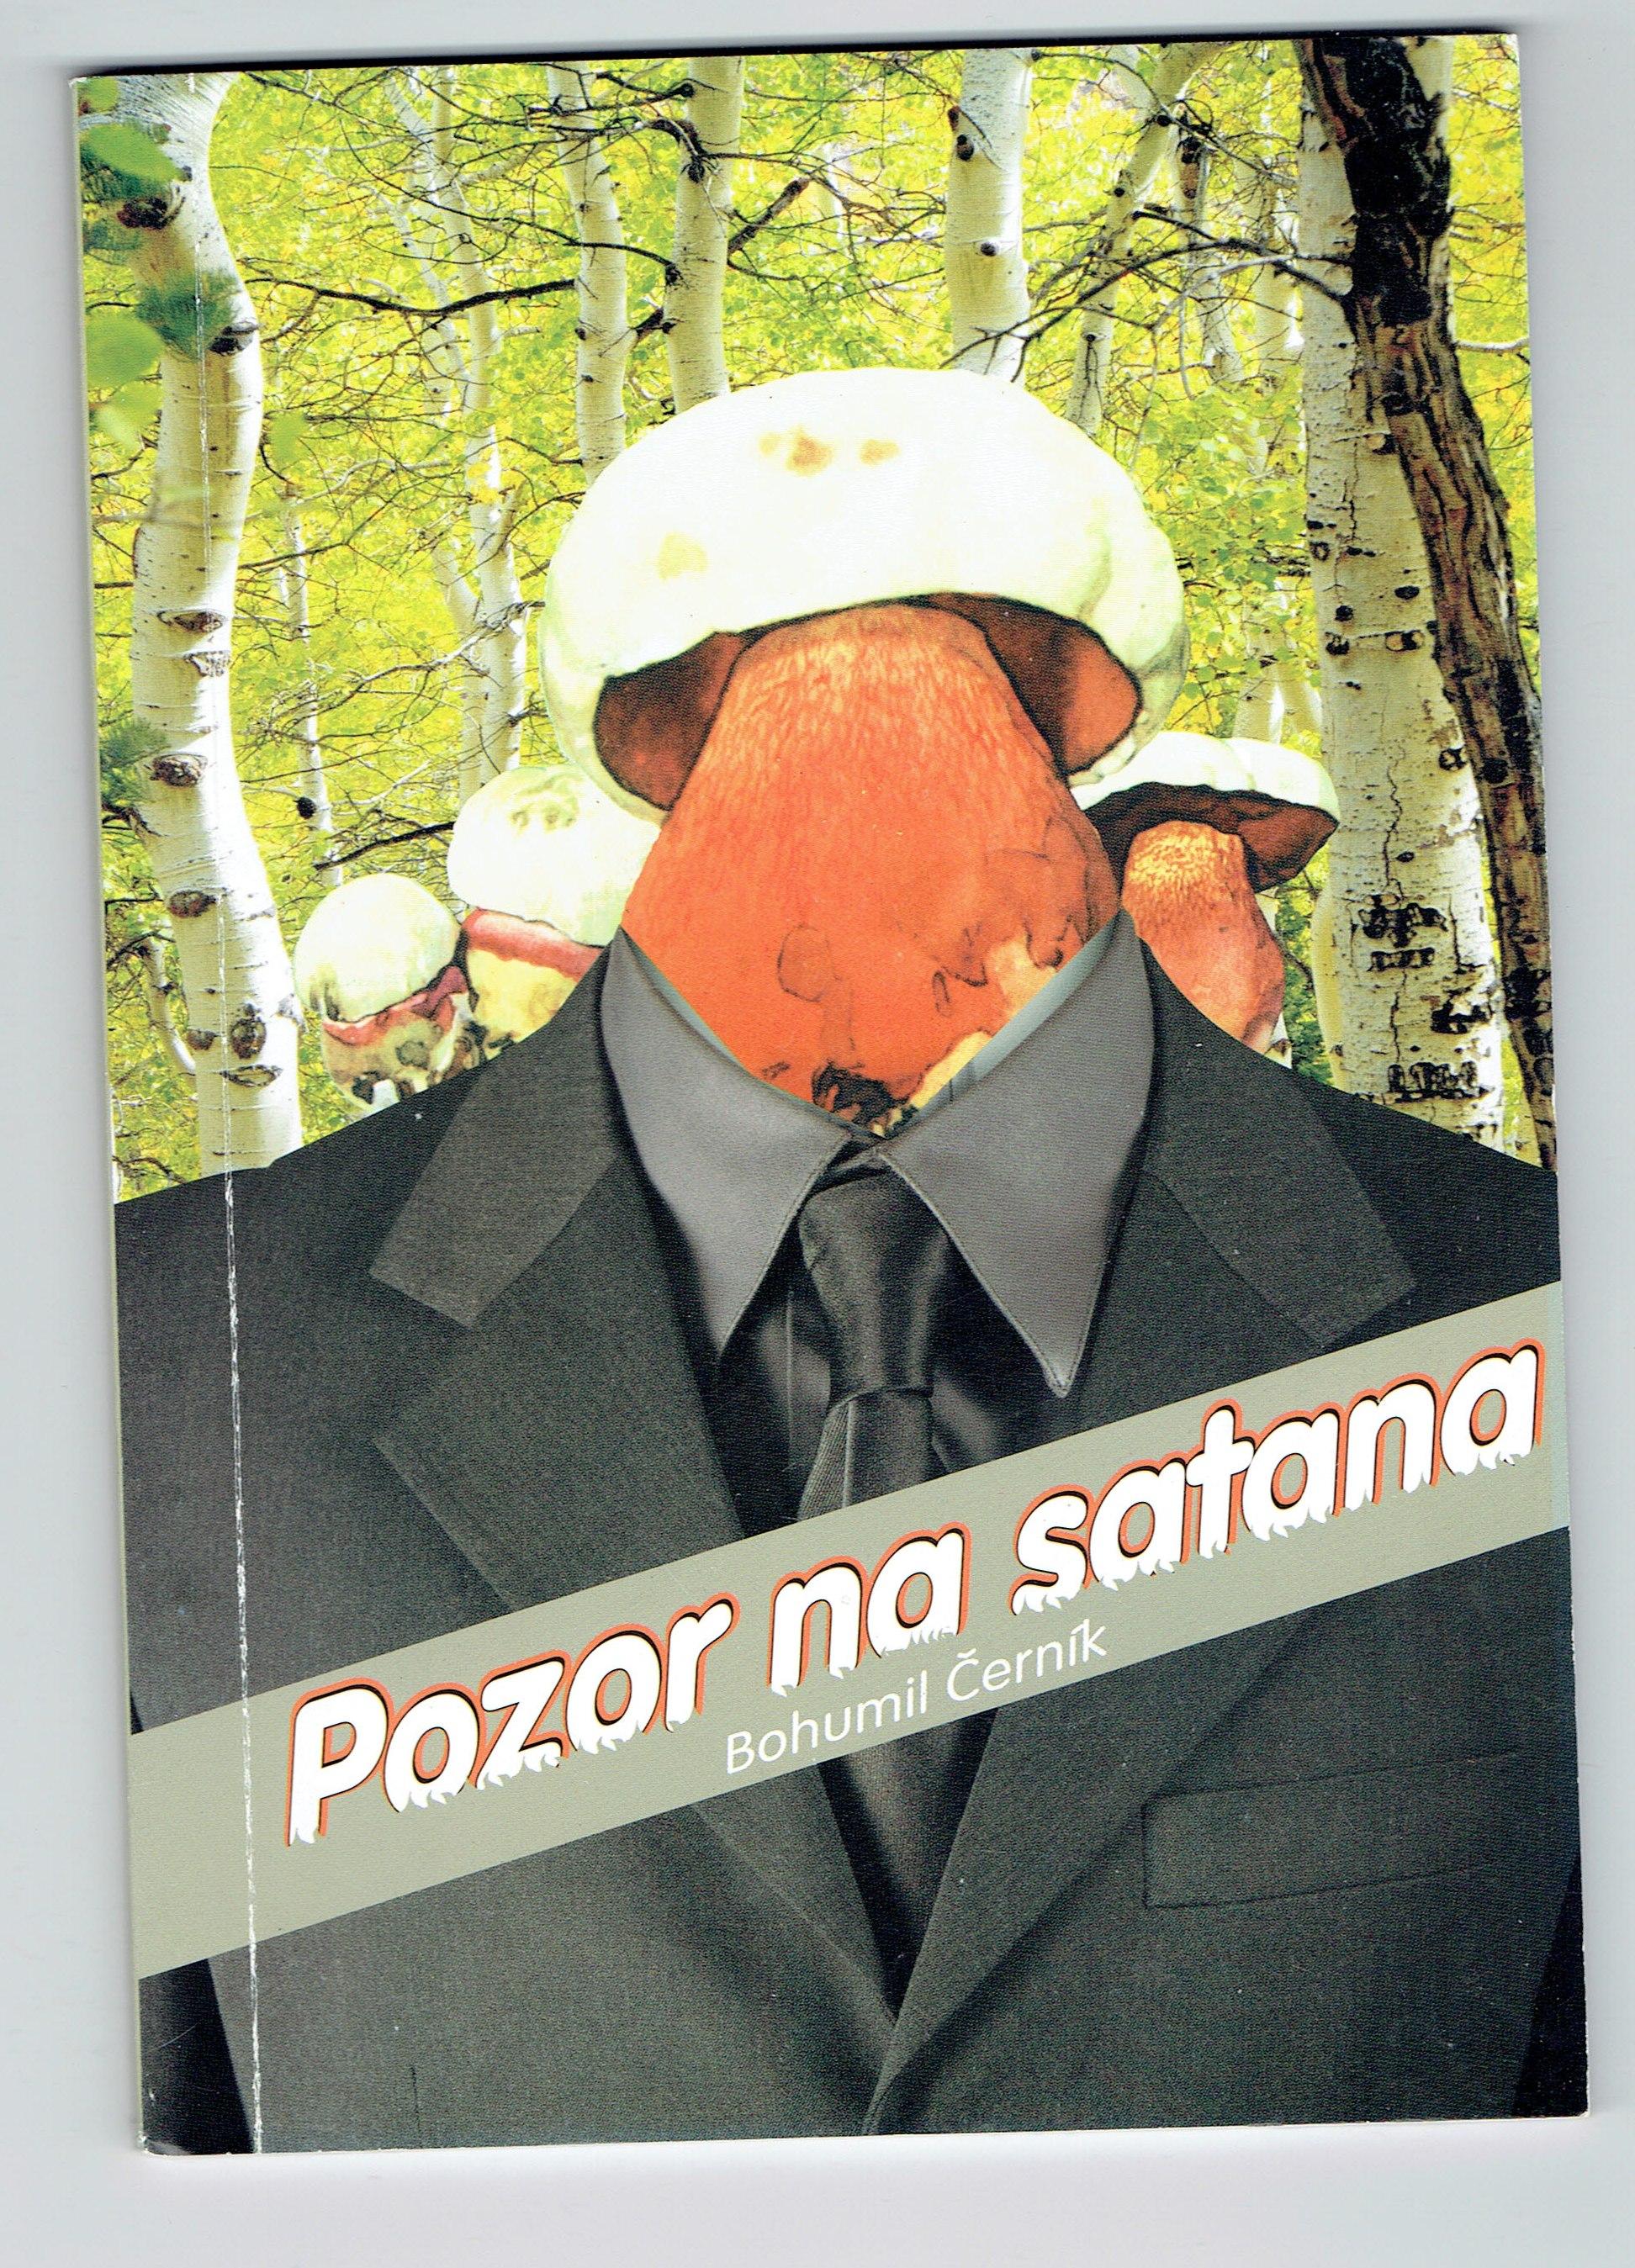 Pozor na satana - Bohumil Černík